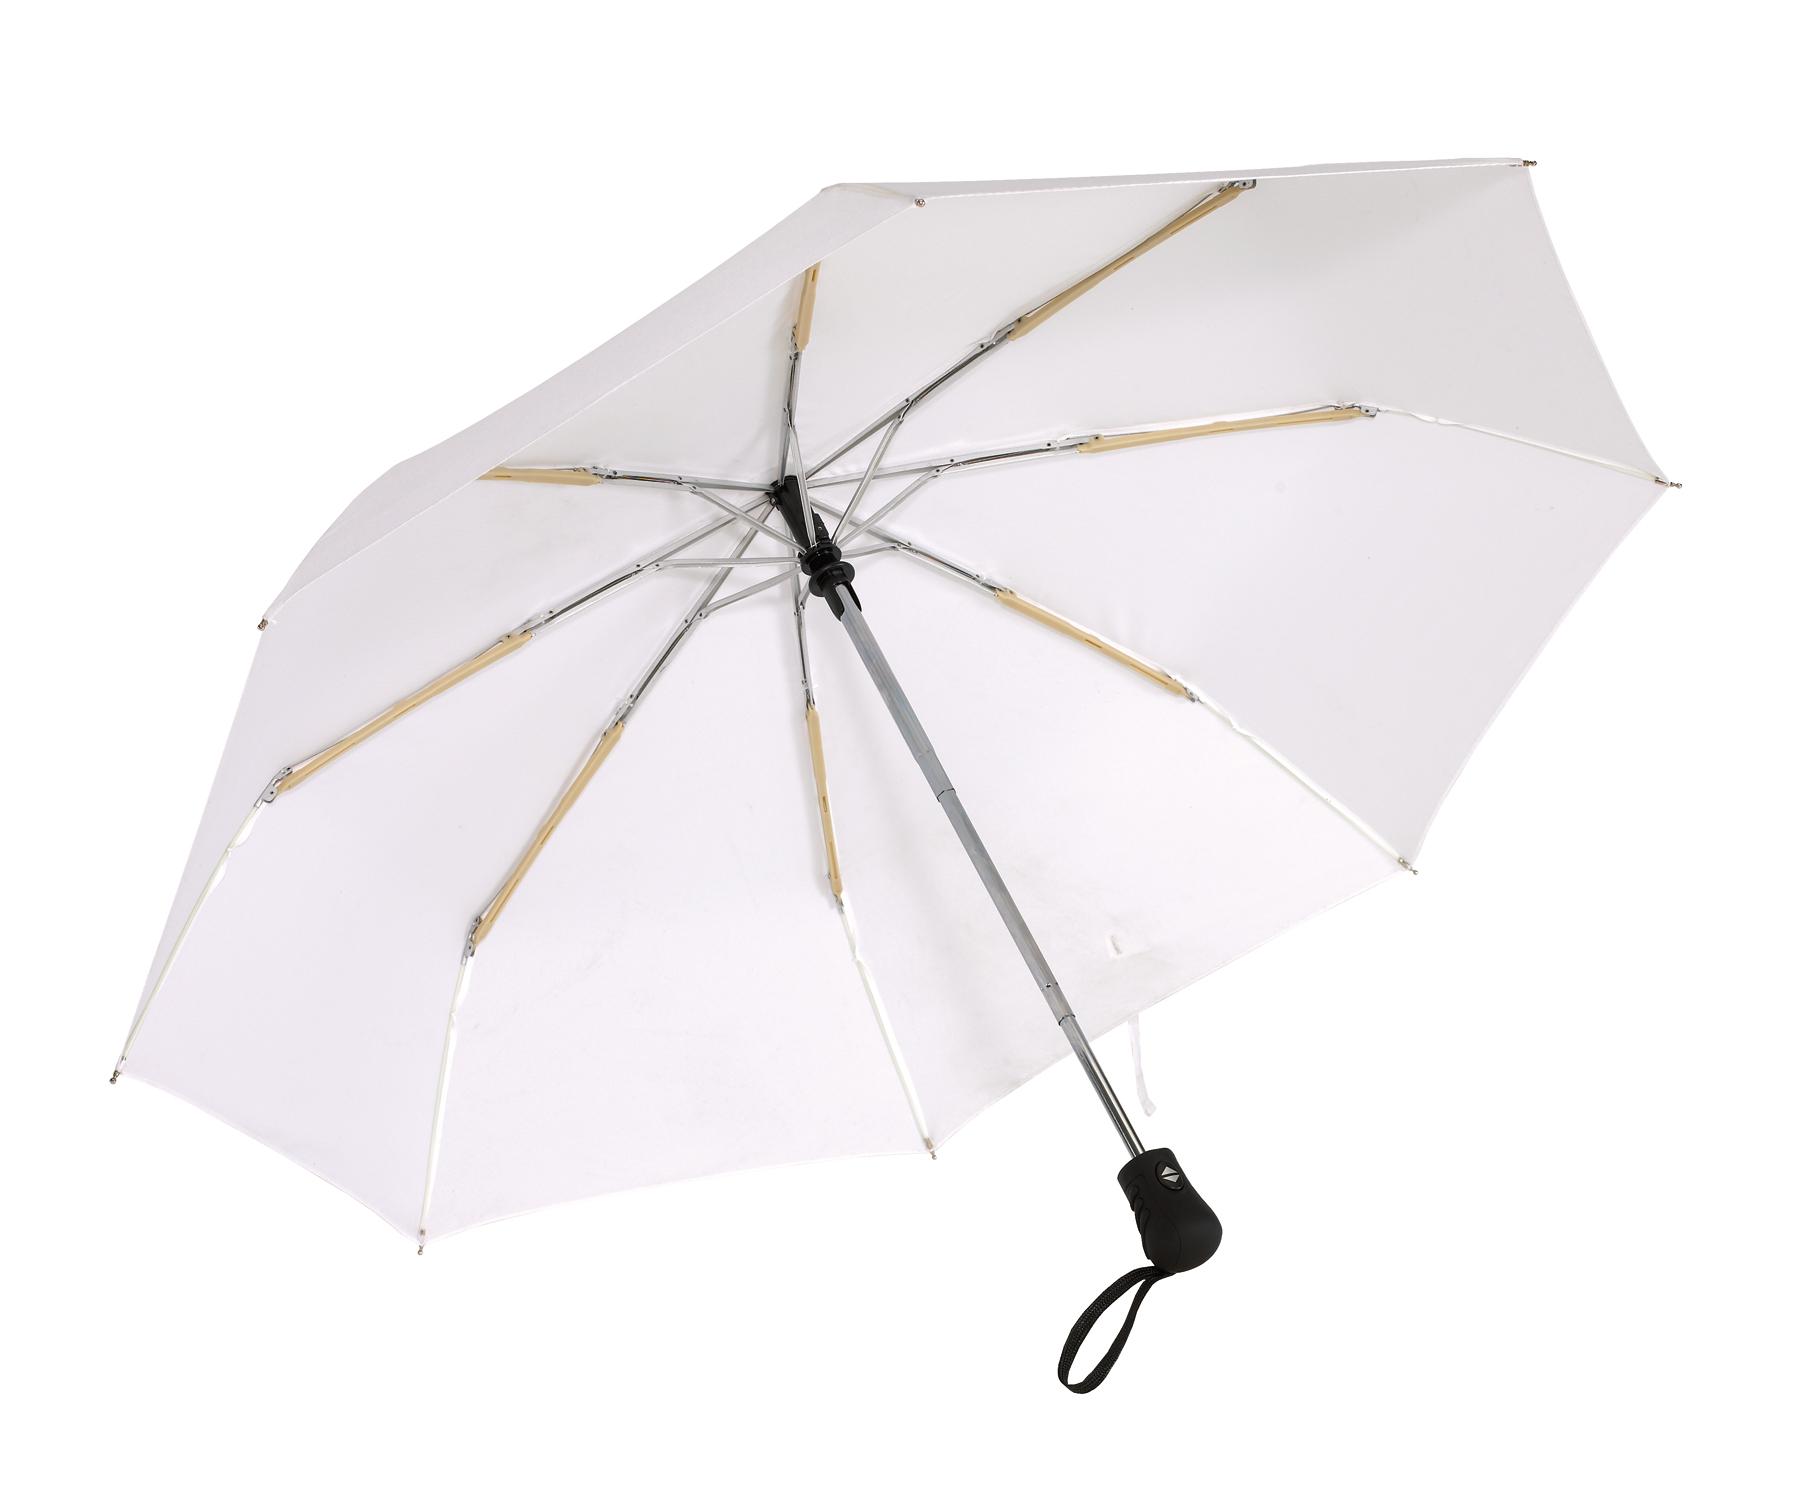 Automatyczny, wiatroodporny, kieszonkowy parasol BORA, biały